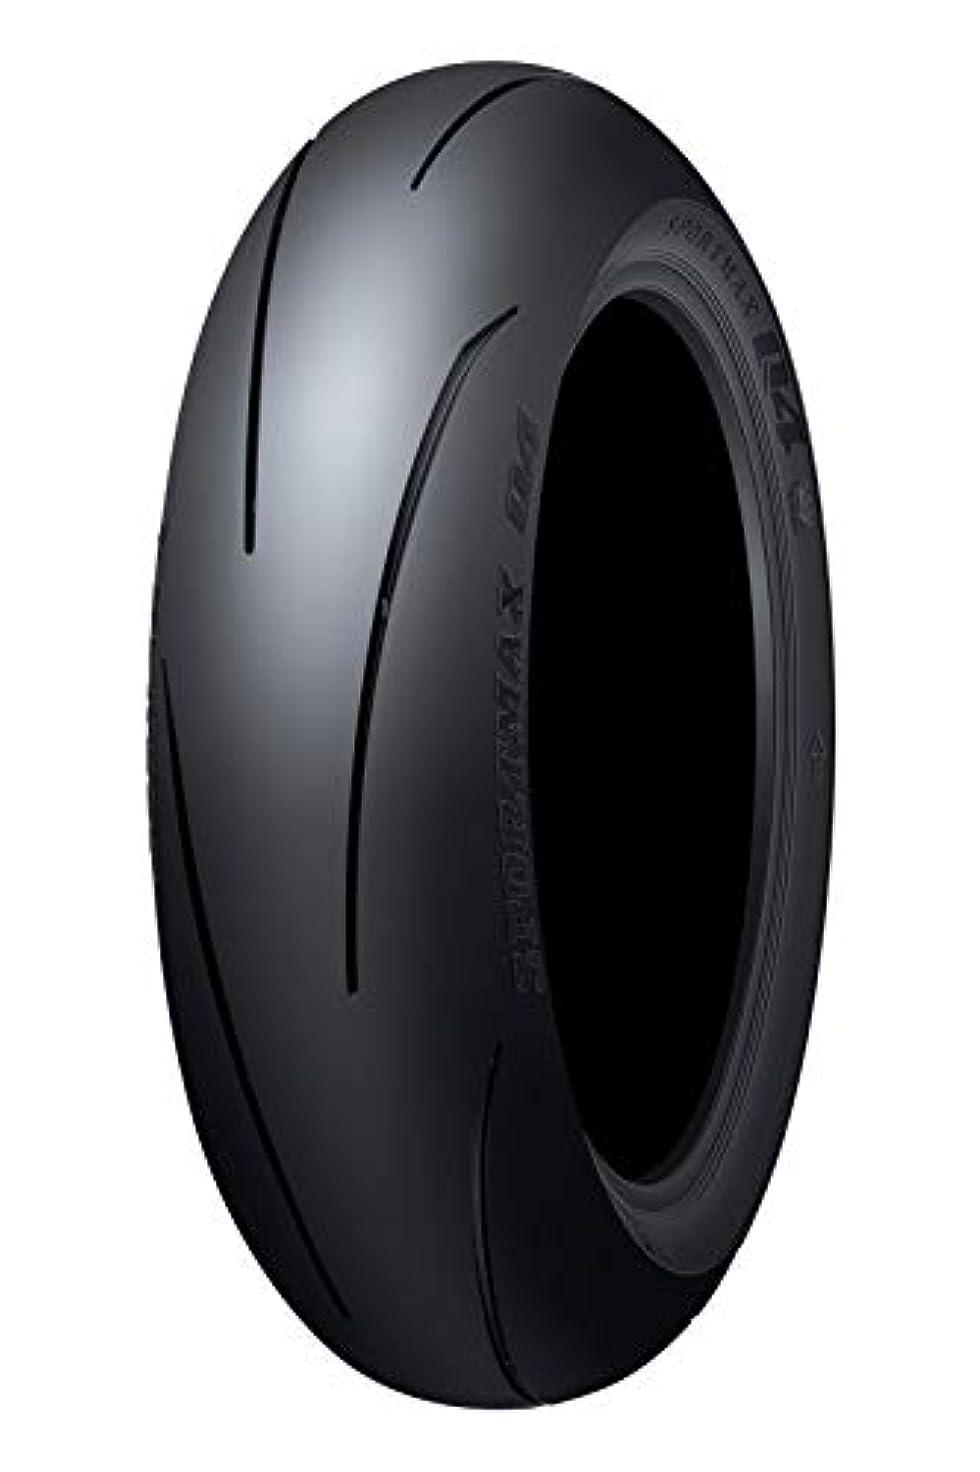 日付多用途焦がすDUNLOP(ダンロップ)バイクタイヤ SPORTMAX Q4 リア 180/60ZR17 M/C (75W) チューブレスタイプ(TL) 二輪 オートバイ用 331656